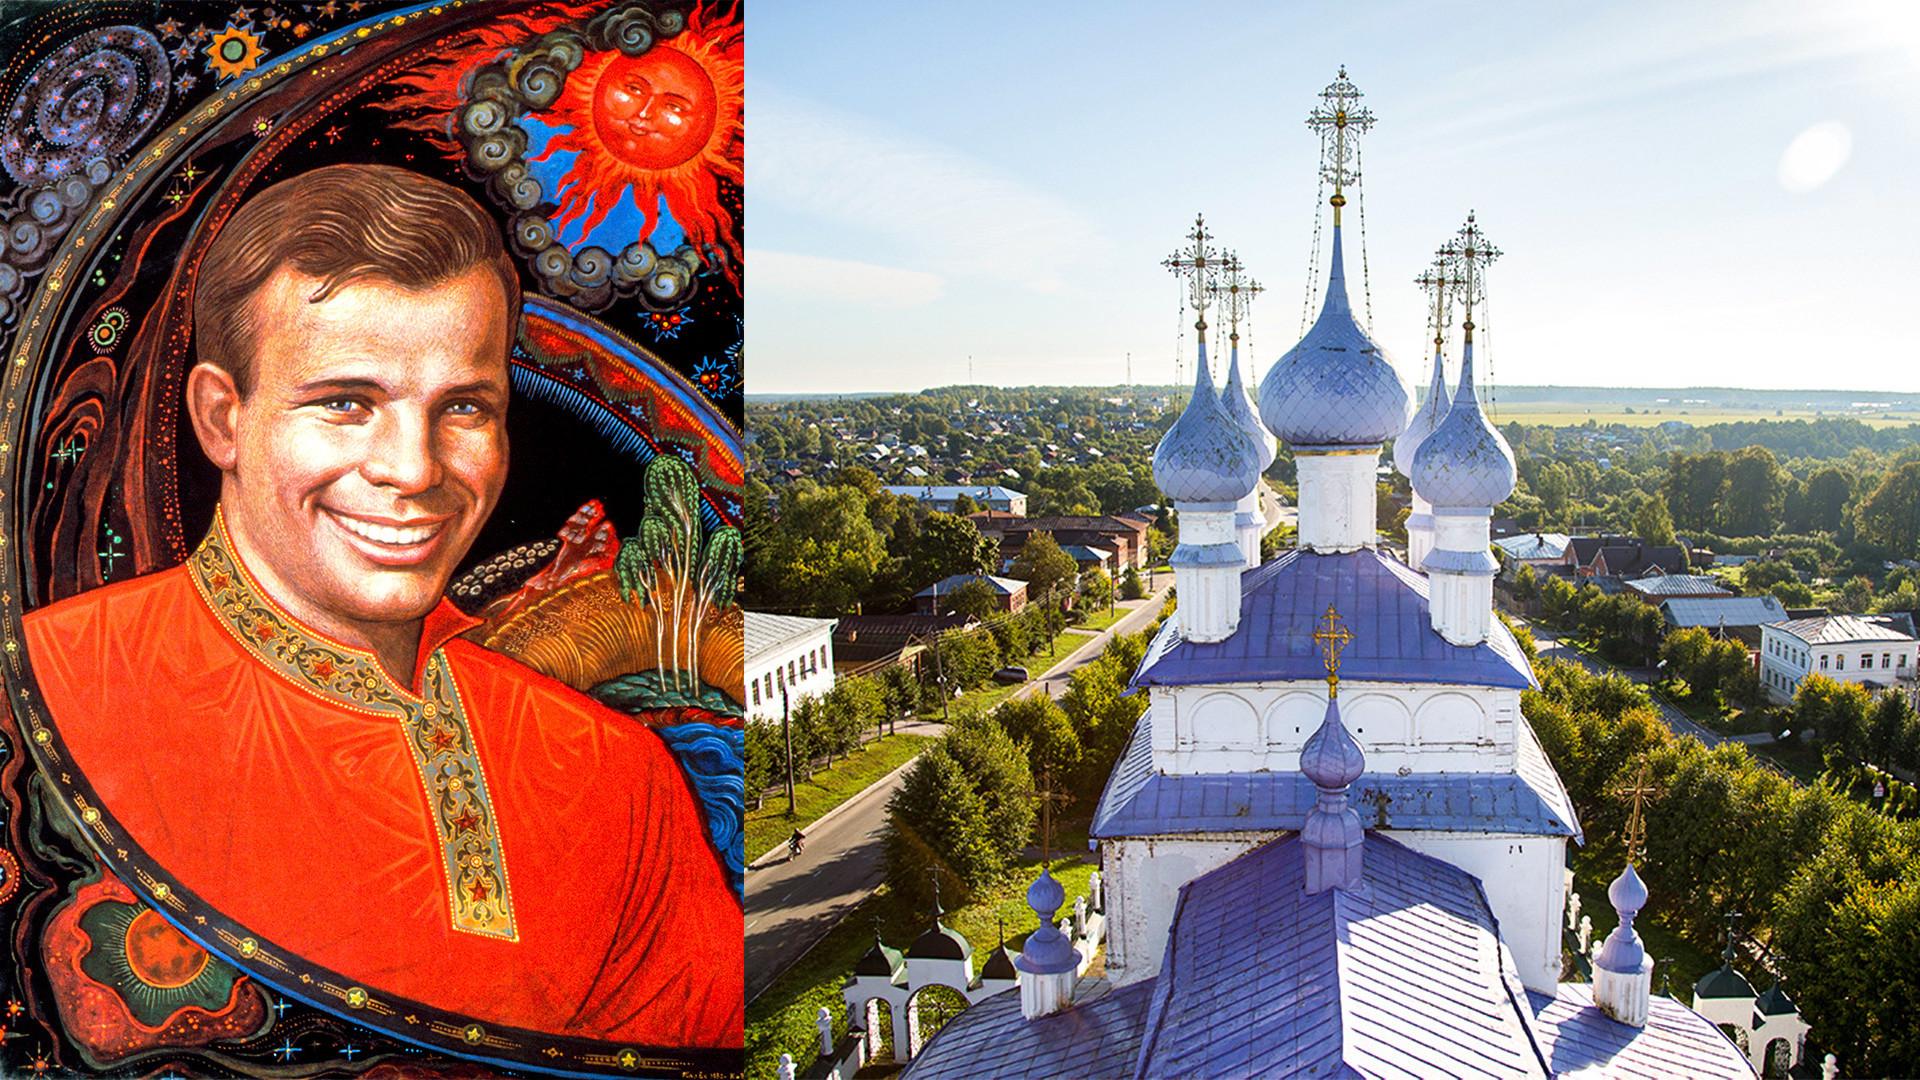 Jurij Gagarin ritratto nel tradizionale stile di Palekh; a destra, la chiesa della città